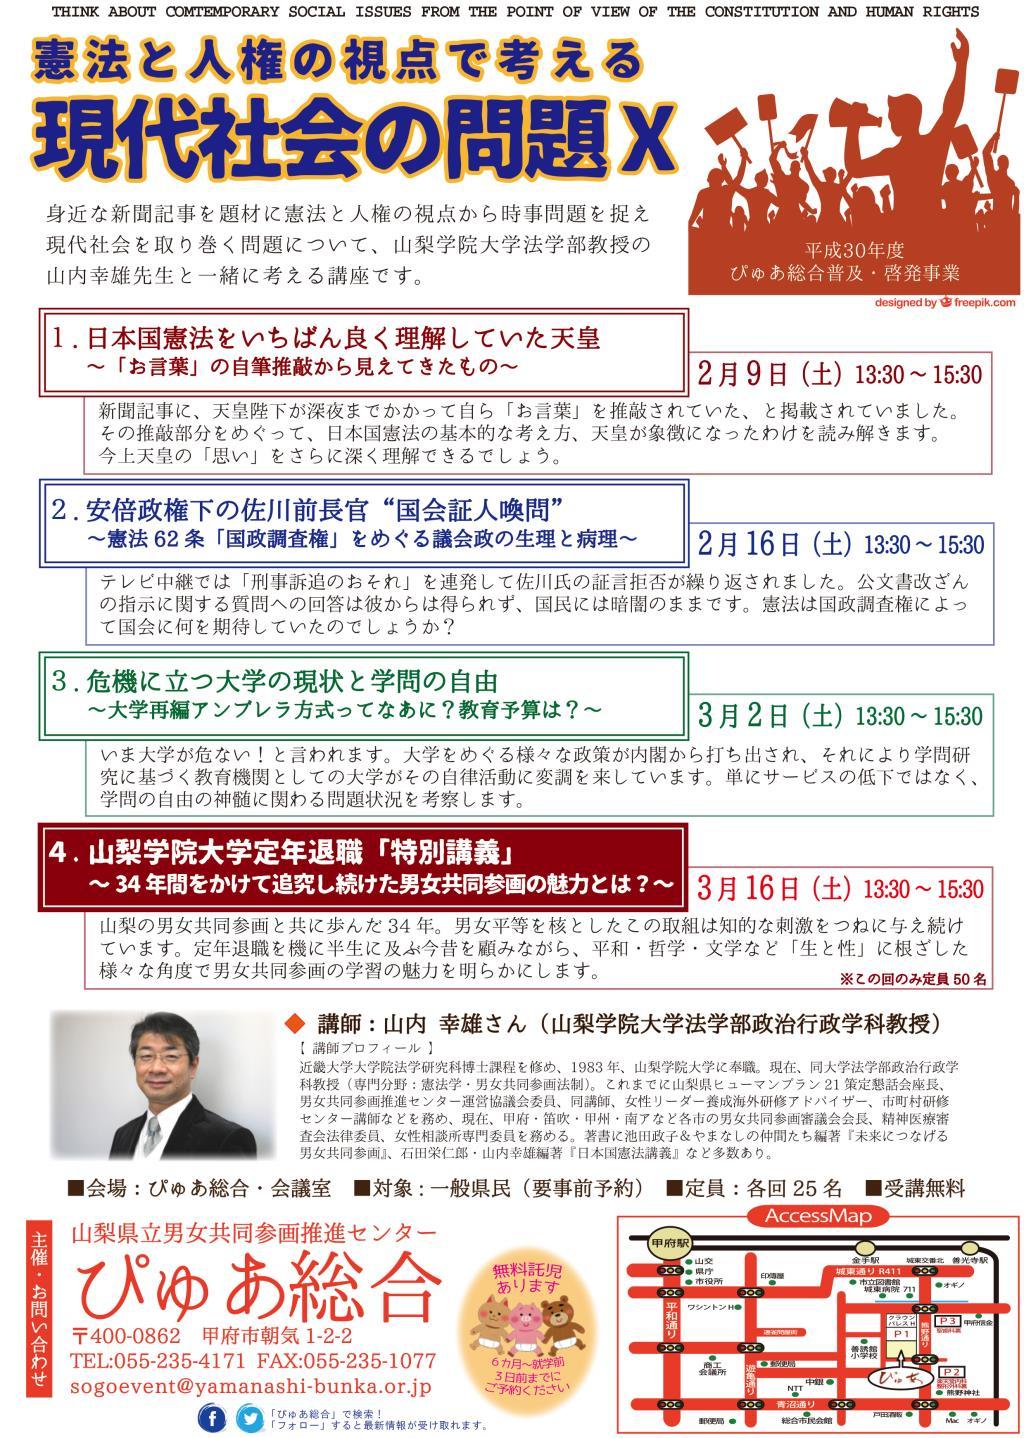 憲法と人権の視点で考える現代社会の問題Ⅹ 甲府市 イベント 1